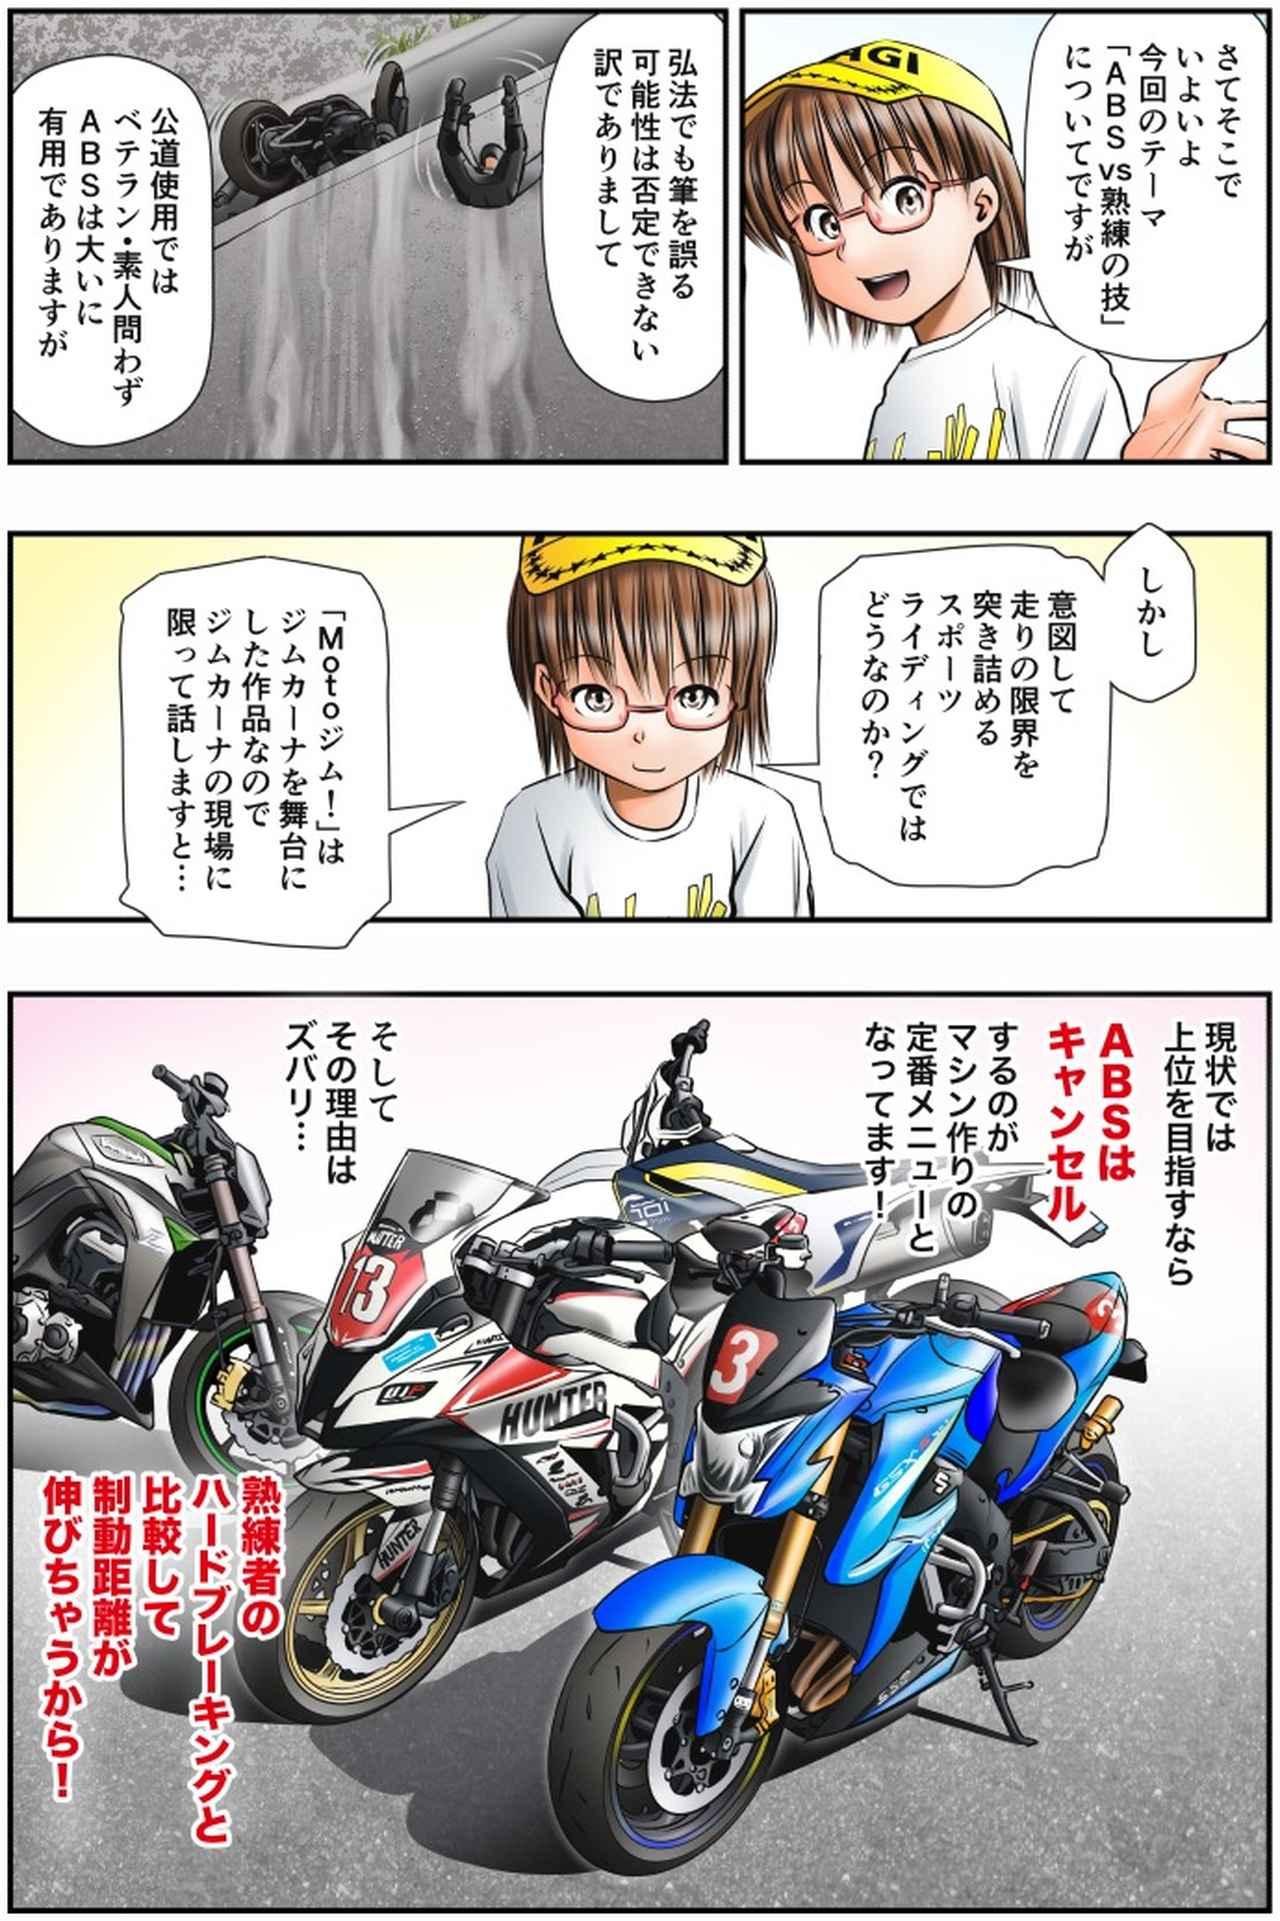 画像3: Motoジム! おまけのコーナー (実際どうなの? ABS vs 熟練の技!)  作・ばどみゅーみん